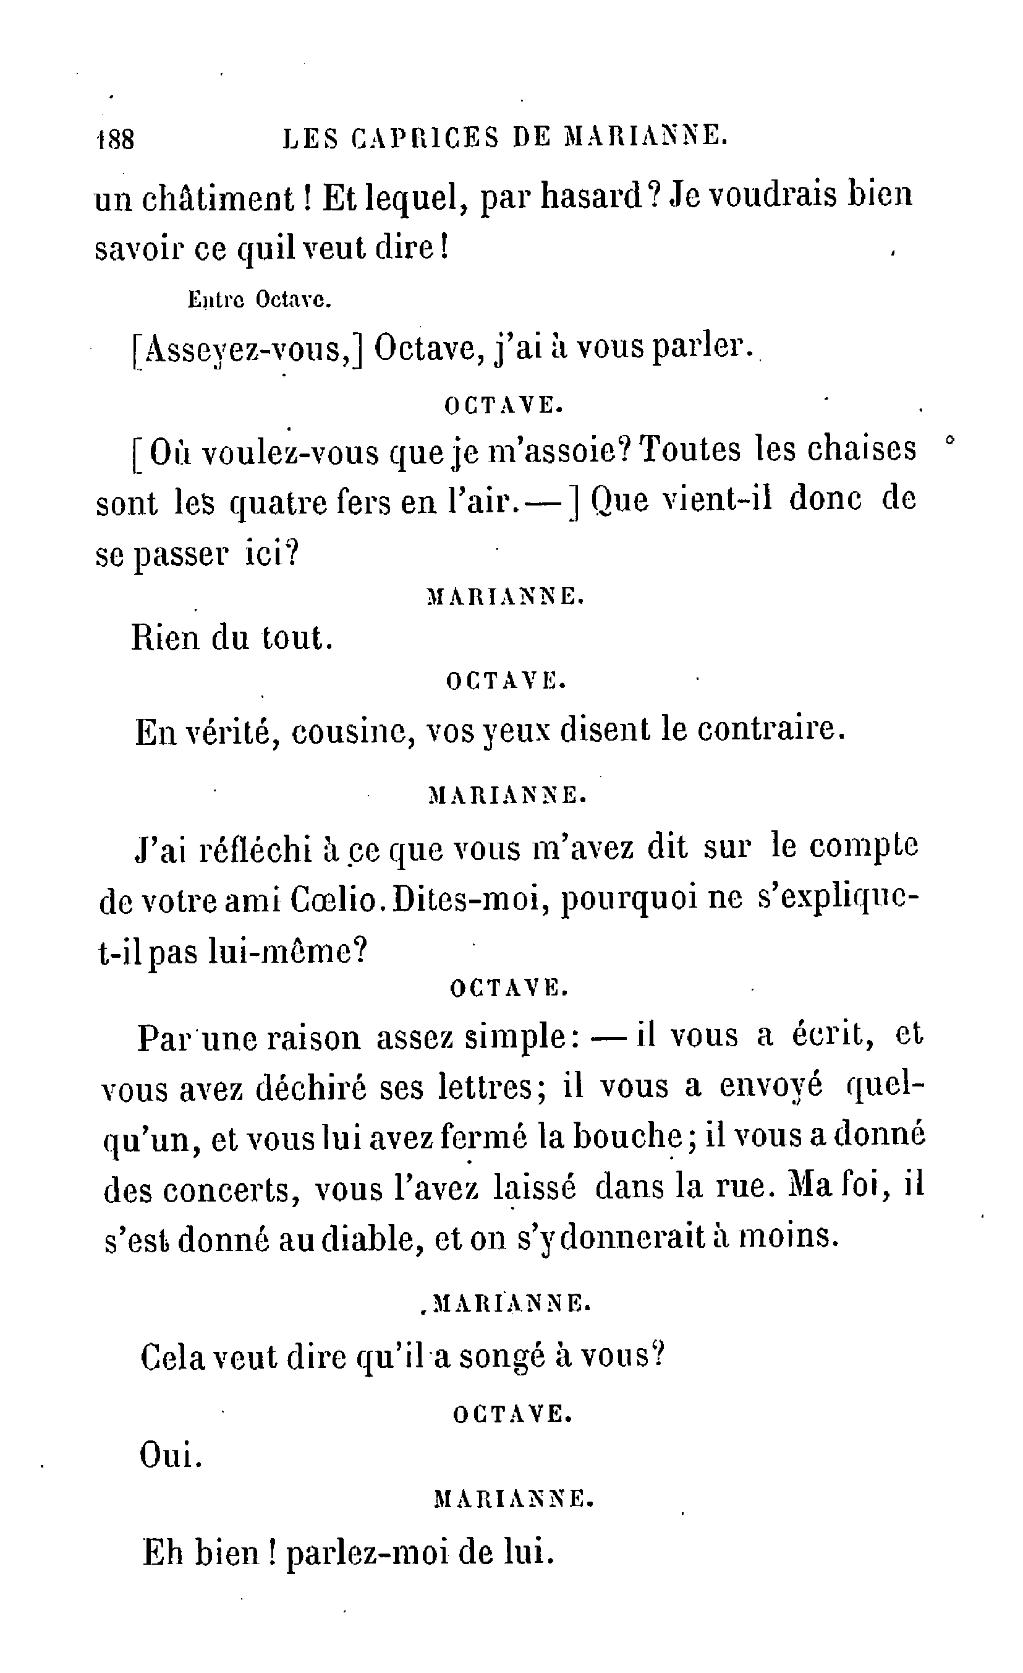 Parlez Moi De Lui : parlez, Page:Musset, Œuvres, Complètes, D'Alfred, Musset., Comédies, I.djvu/193, Wikisource